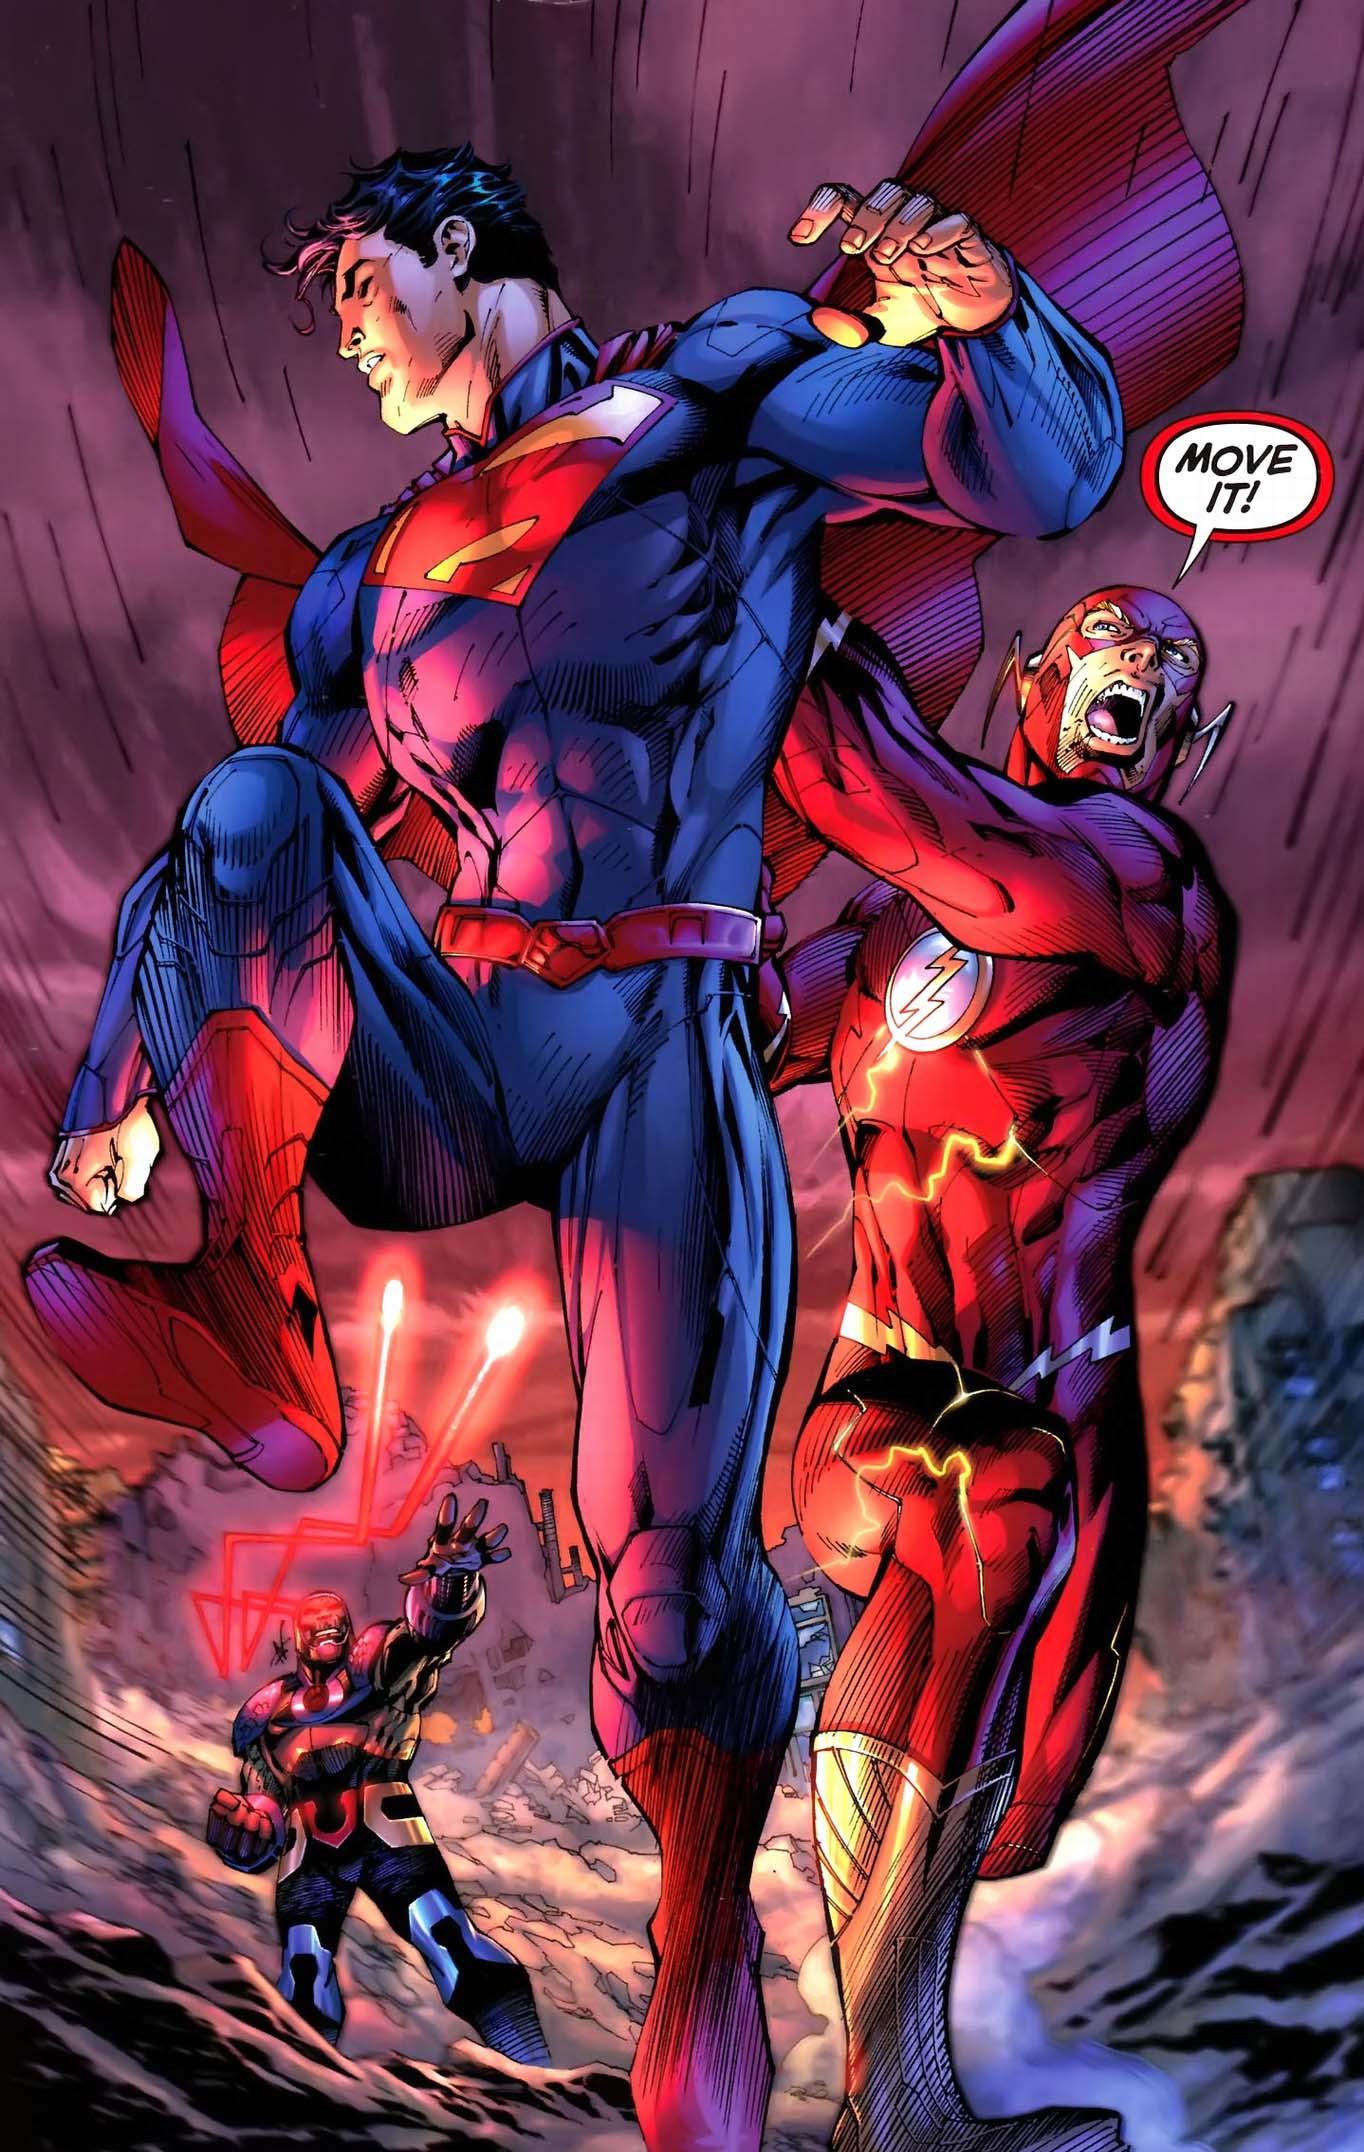 """The Flash (S1E02) -- """"Fastest Man Alive"""" -- 10/14/14 ..."""